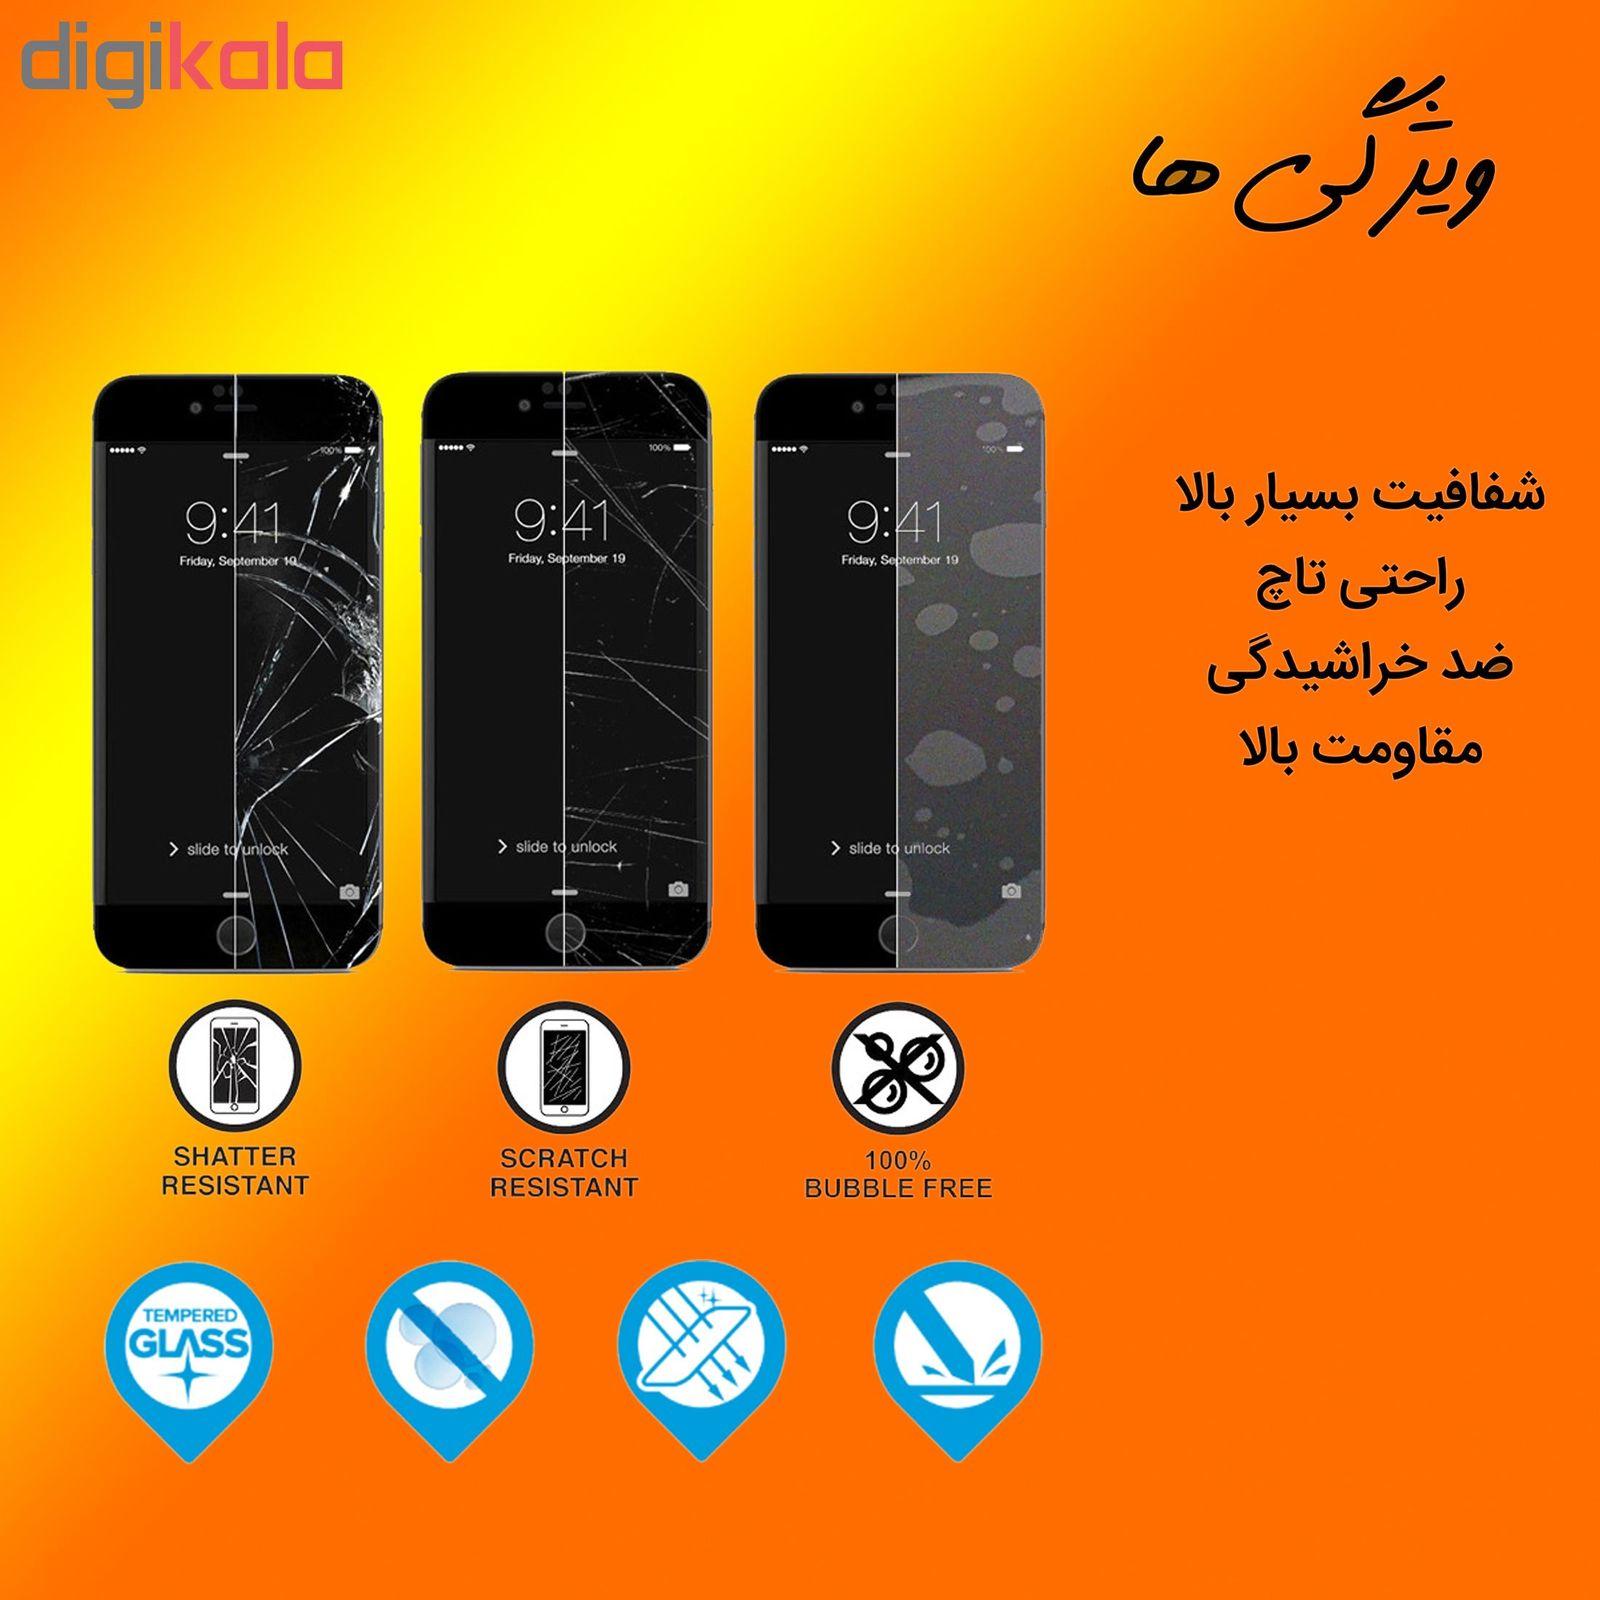 محافظ صفحه نمایش Hard and thick مدل F-01 مناسب برای گوشی موبایل سامسونگ Galaxy A80 main 1 2